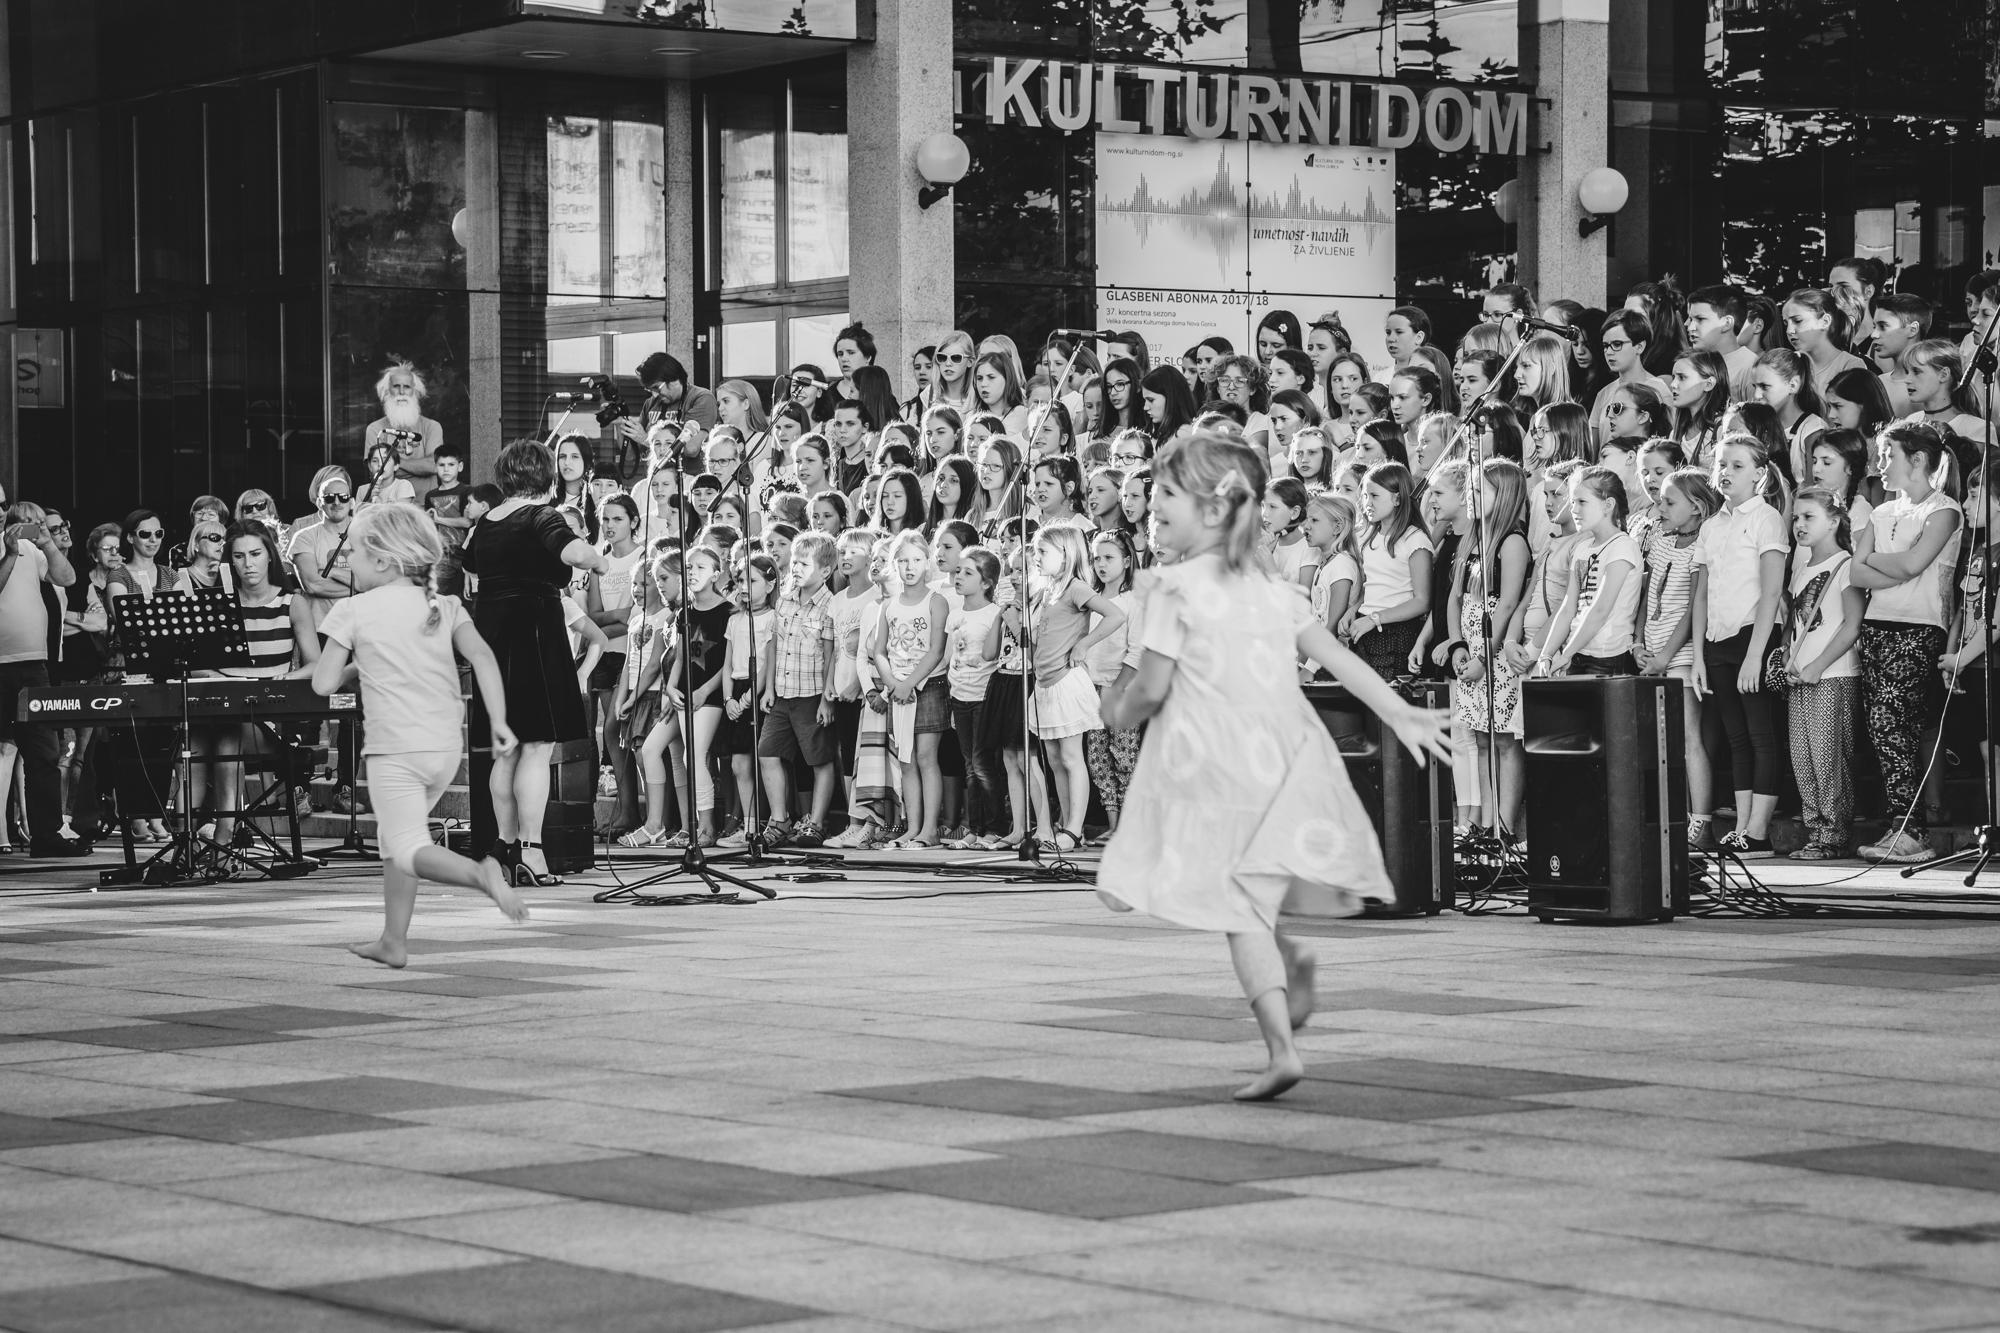 Mateja Pelikan, Slovenija/Slovenia: Zapojmo našemu mestu I, 2017, Združeni zbori Goriške, Slovenija / Sing to our City I, 2017, United choirs of the Goriška region, Slovenia